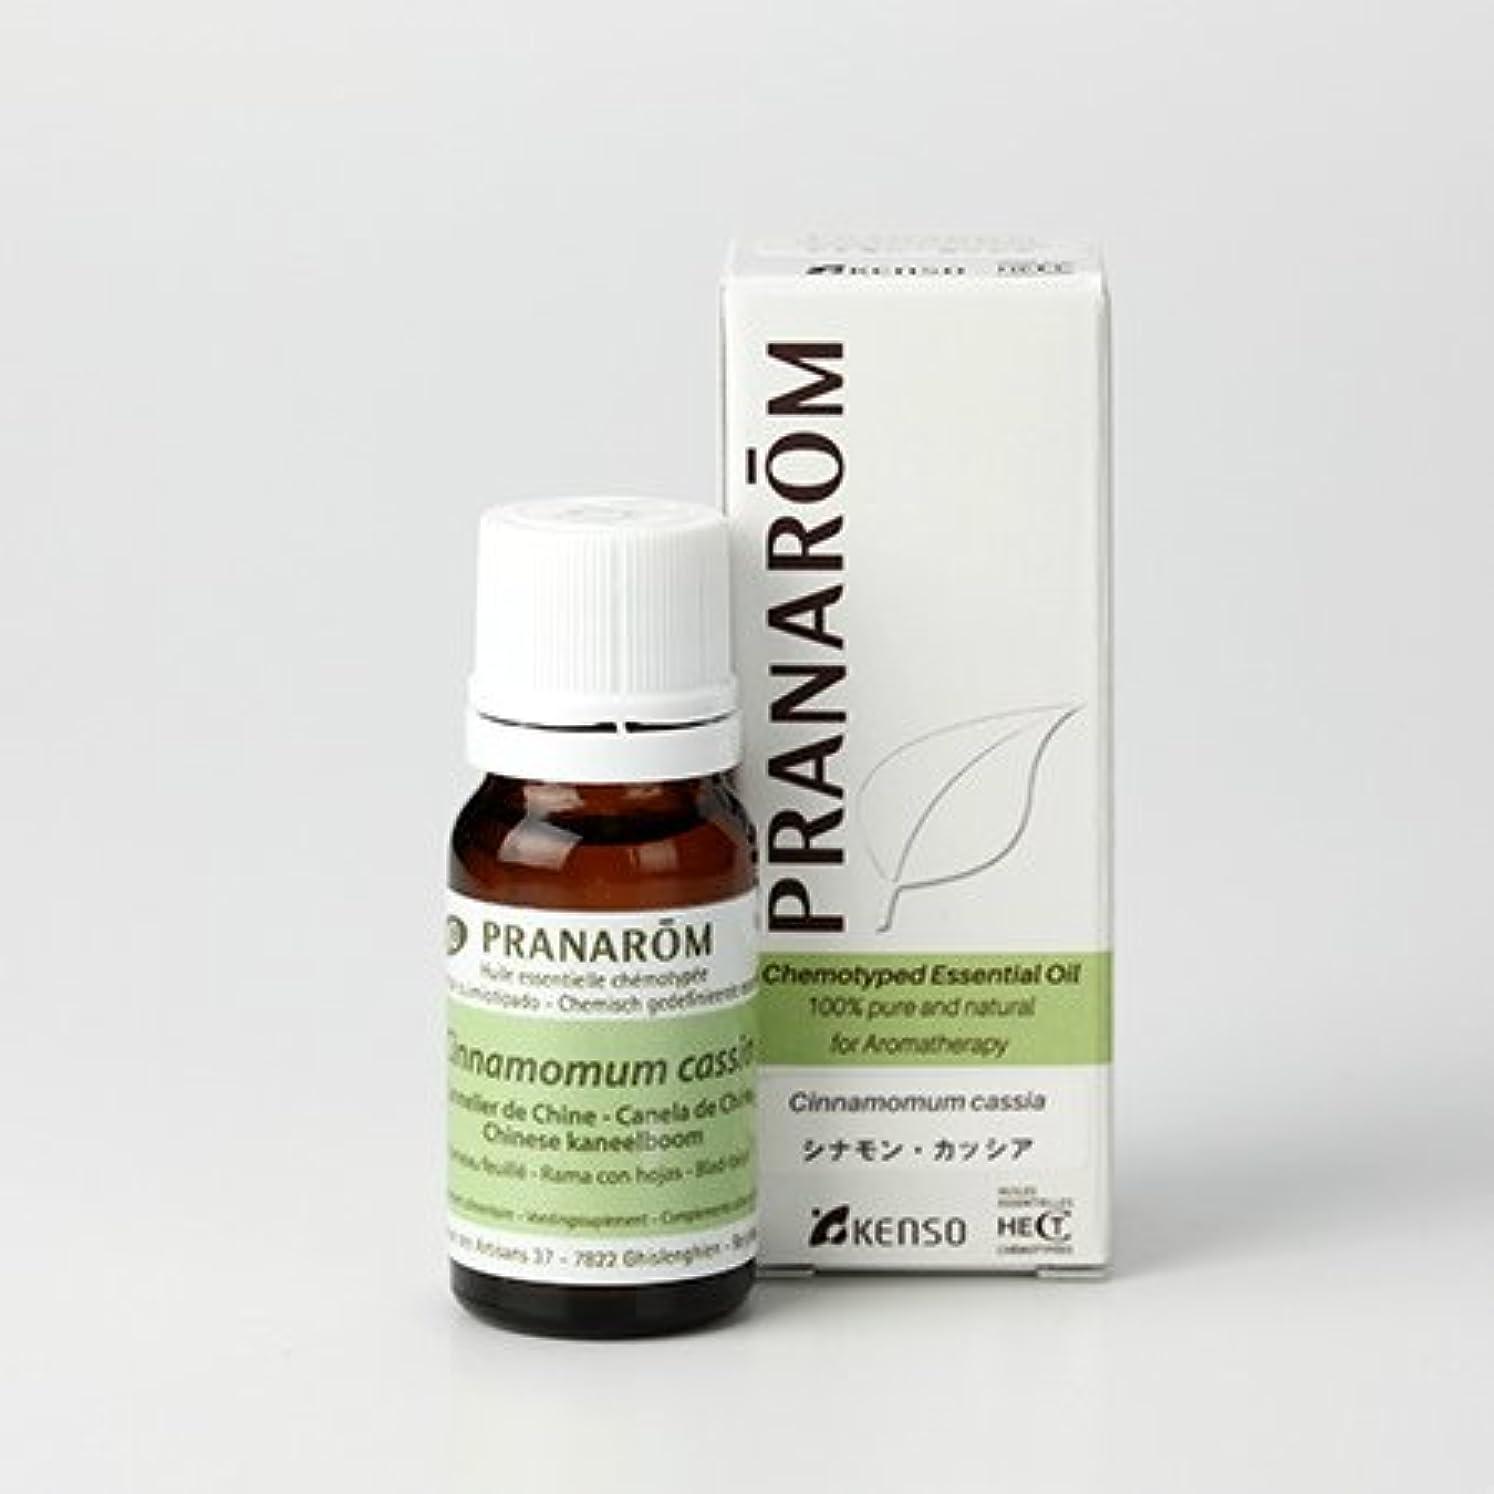 十分です床を掃除する宴会プラナロム シナモンカッシア 10ml (PRANAROM ケモタイプ精油)